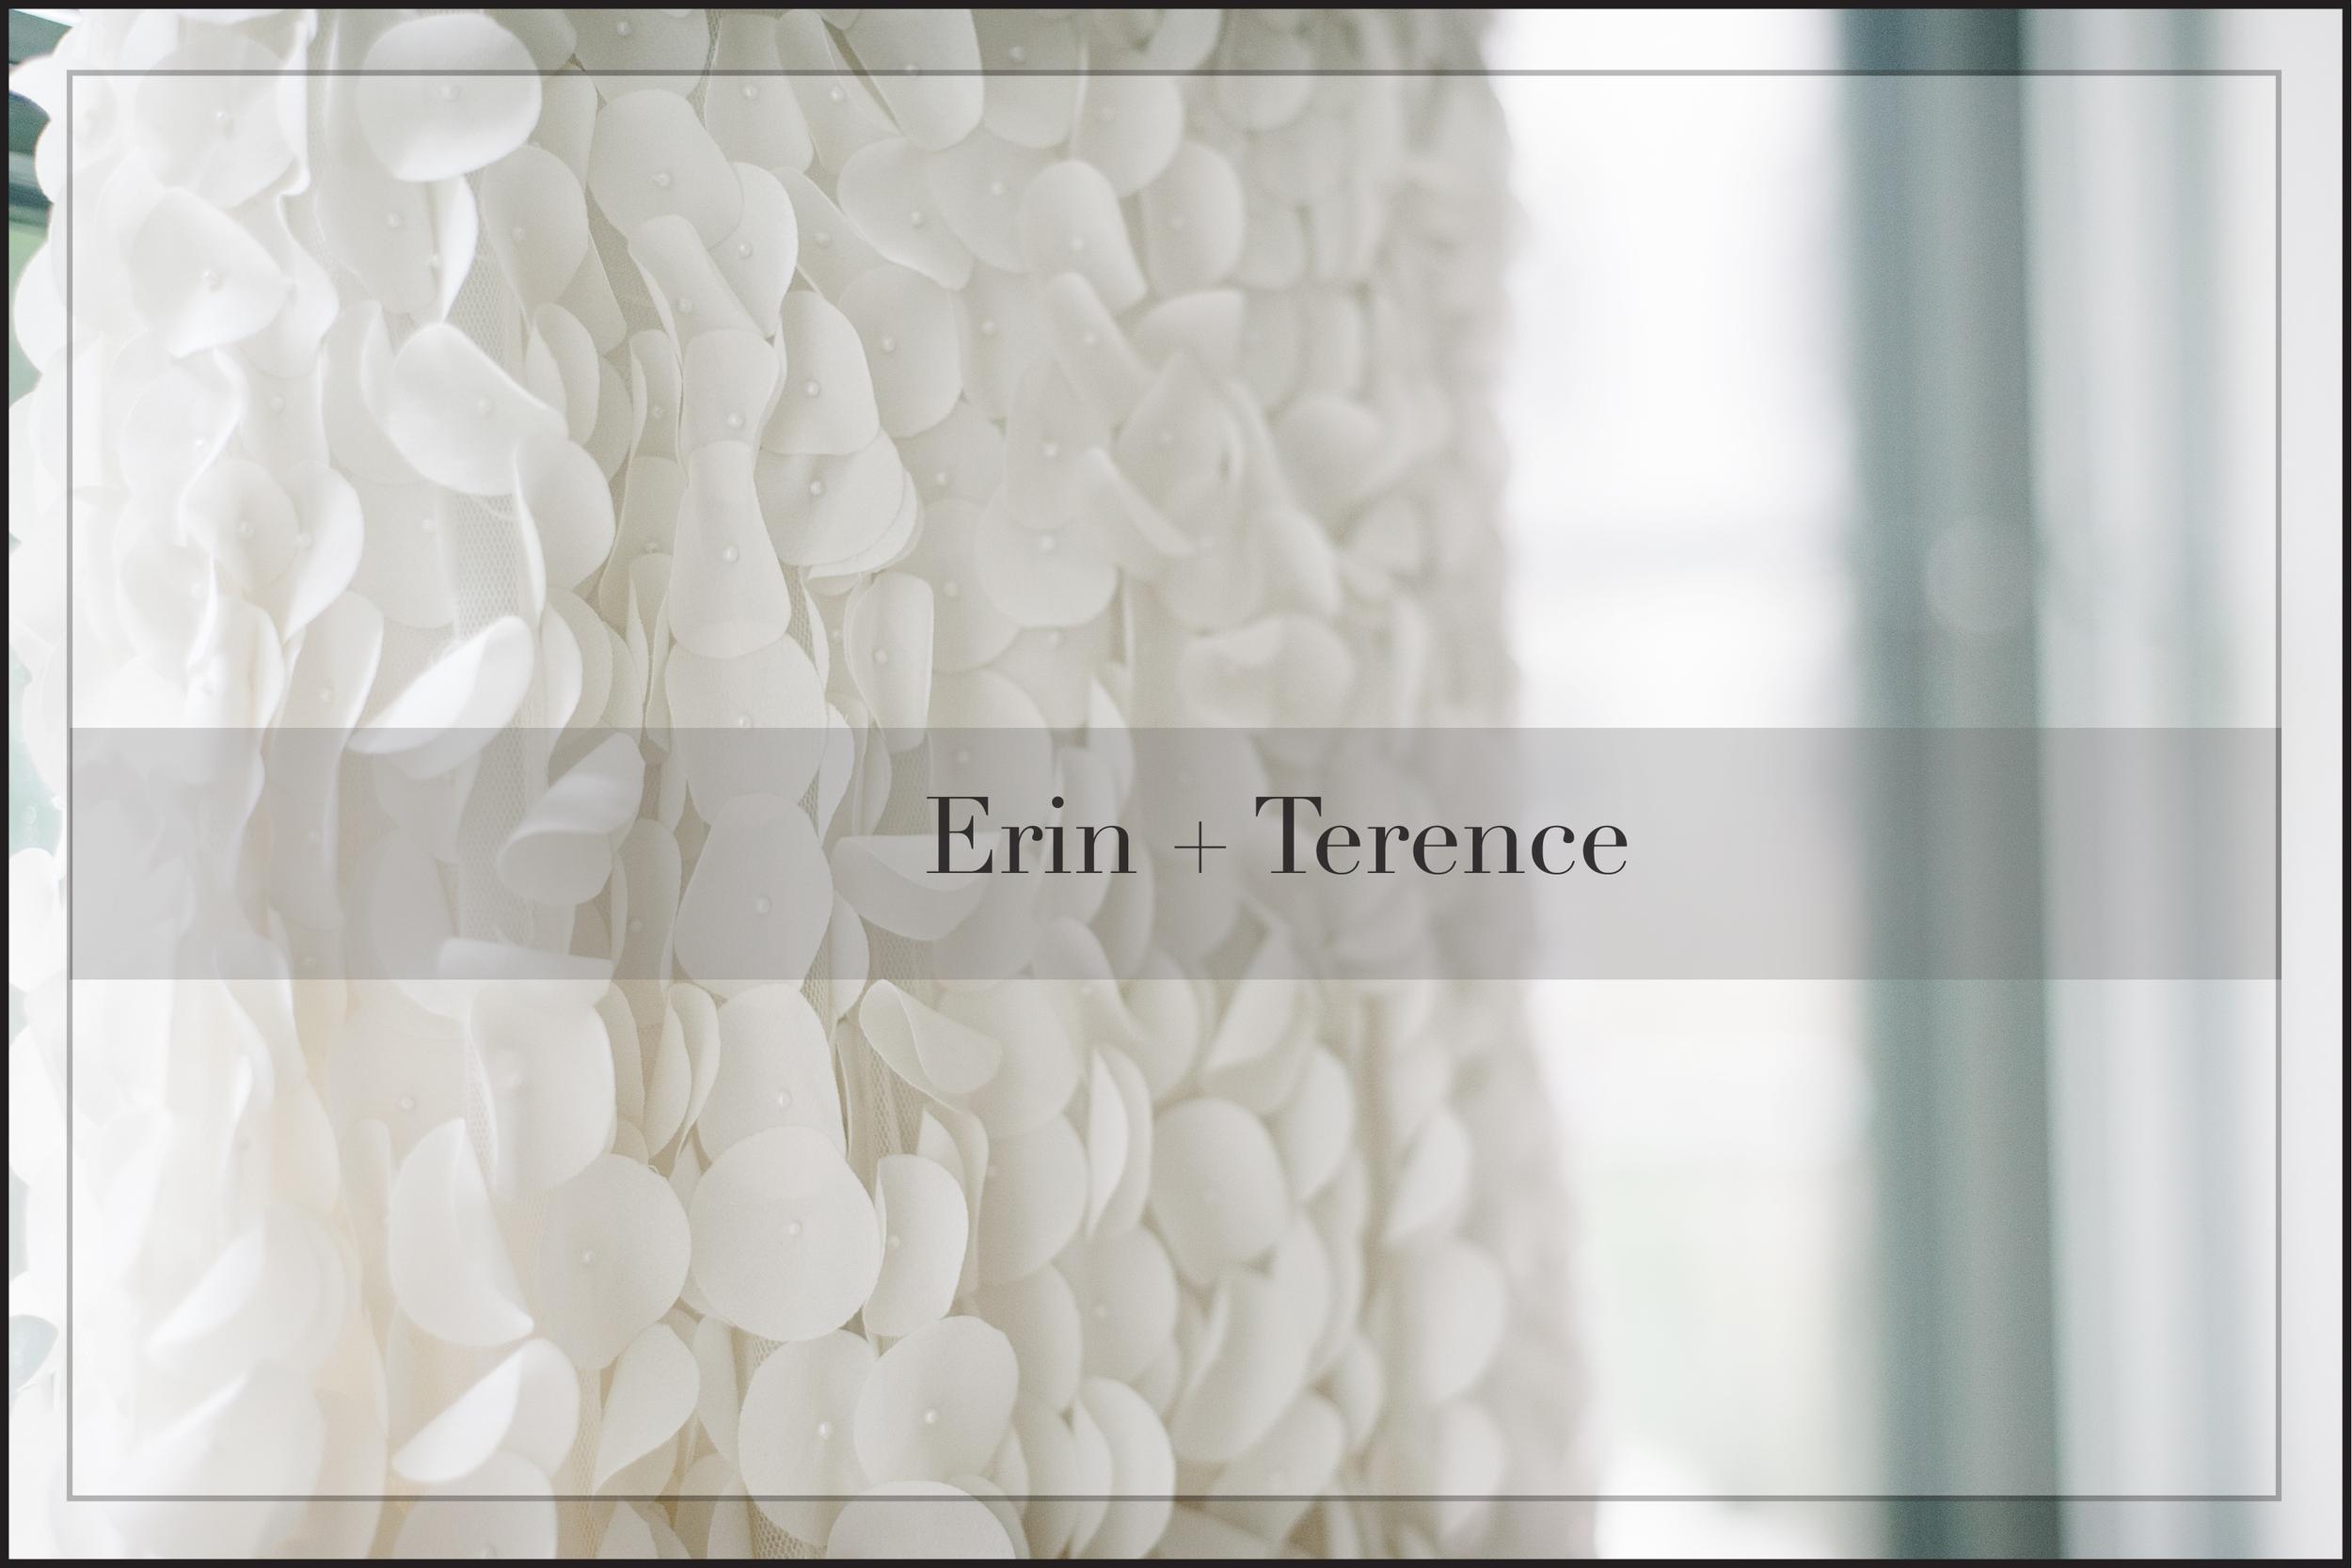 Erin _ Terence cover.jpg